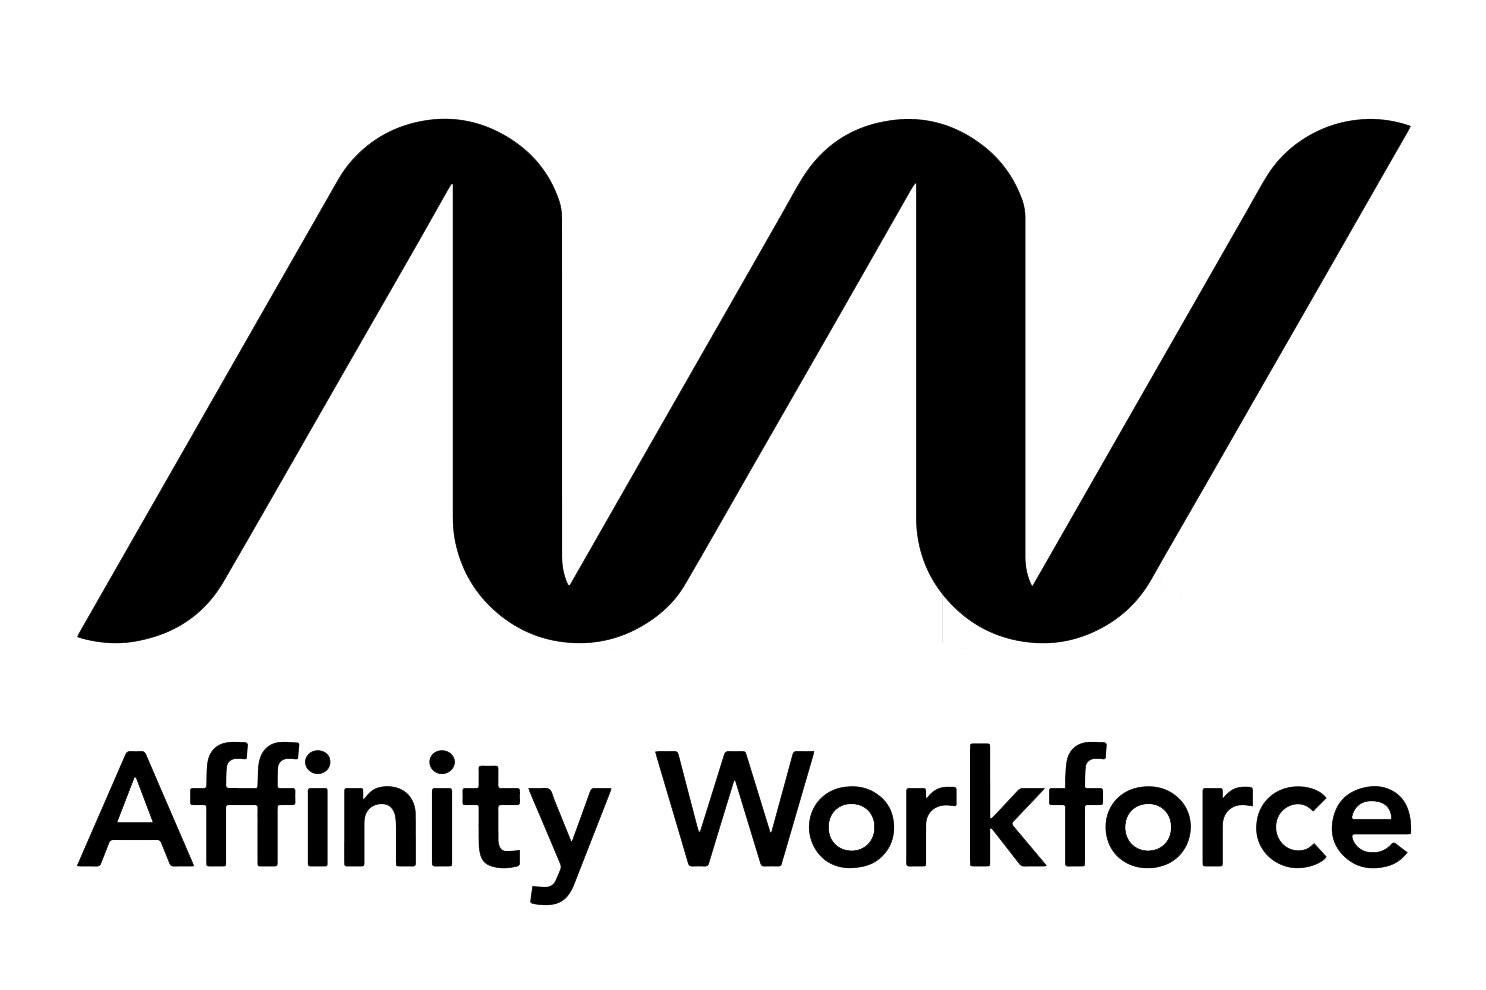 2.AffinityWorkforce-Black.png